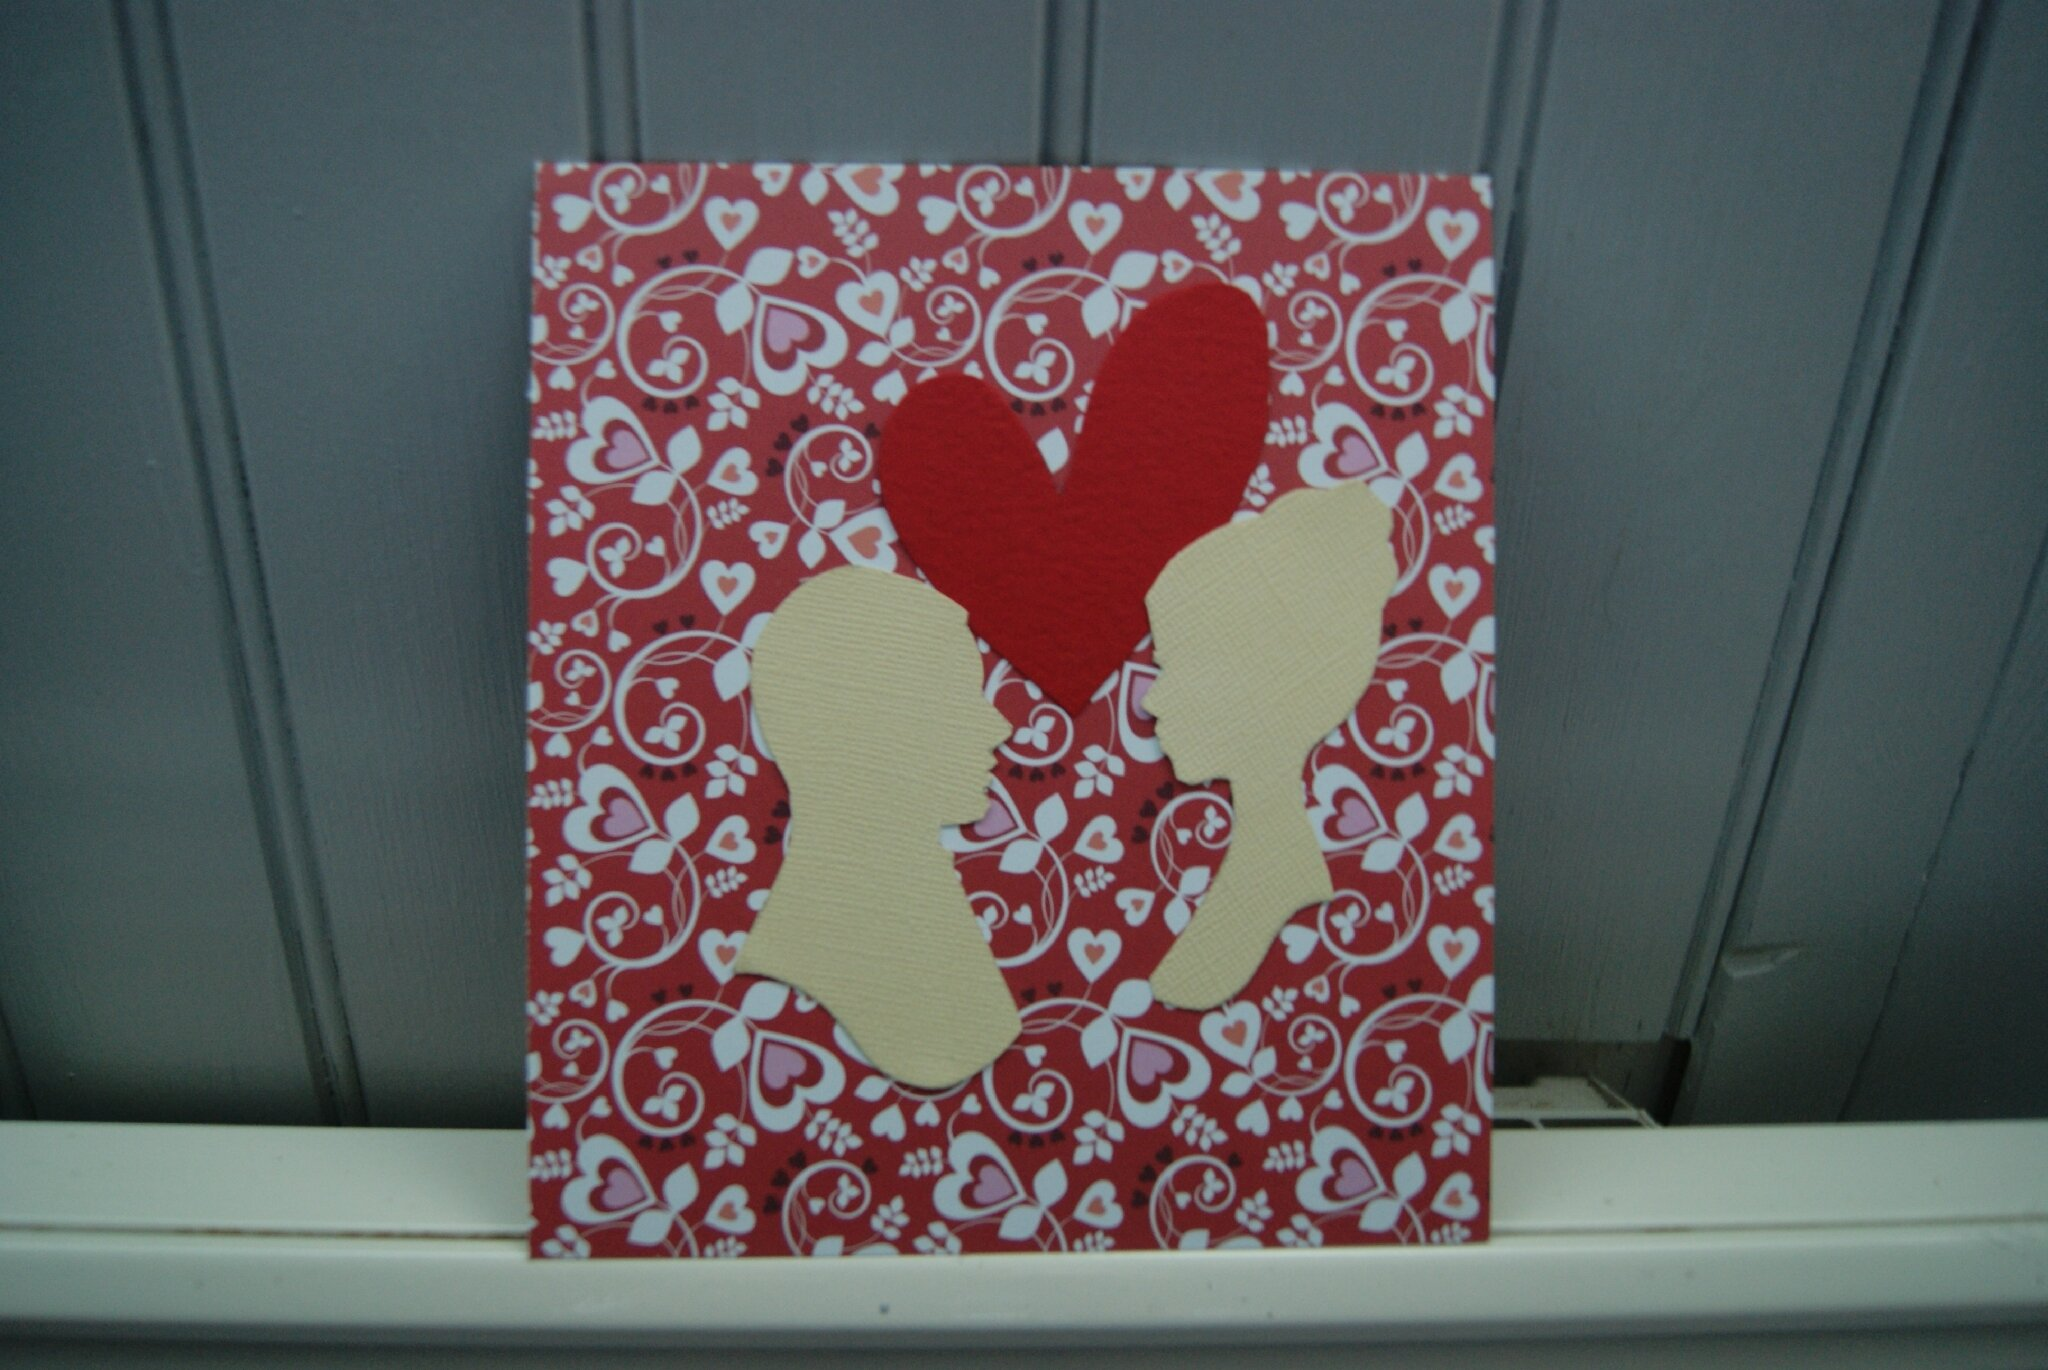 De l'amour de l'amour et encore de l'amour